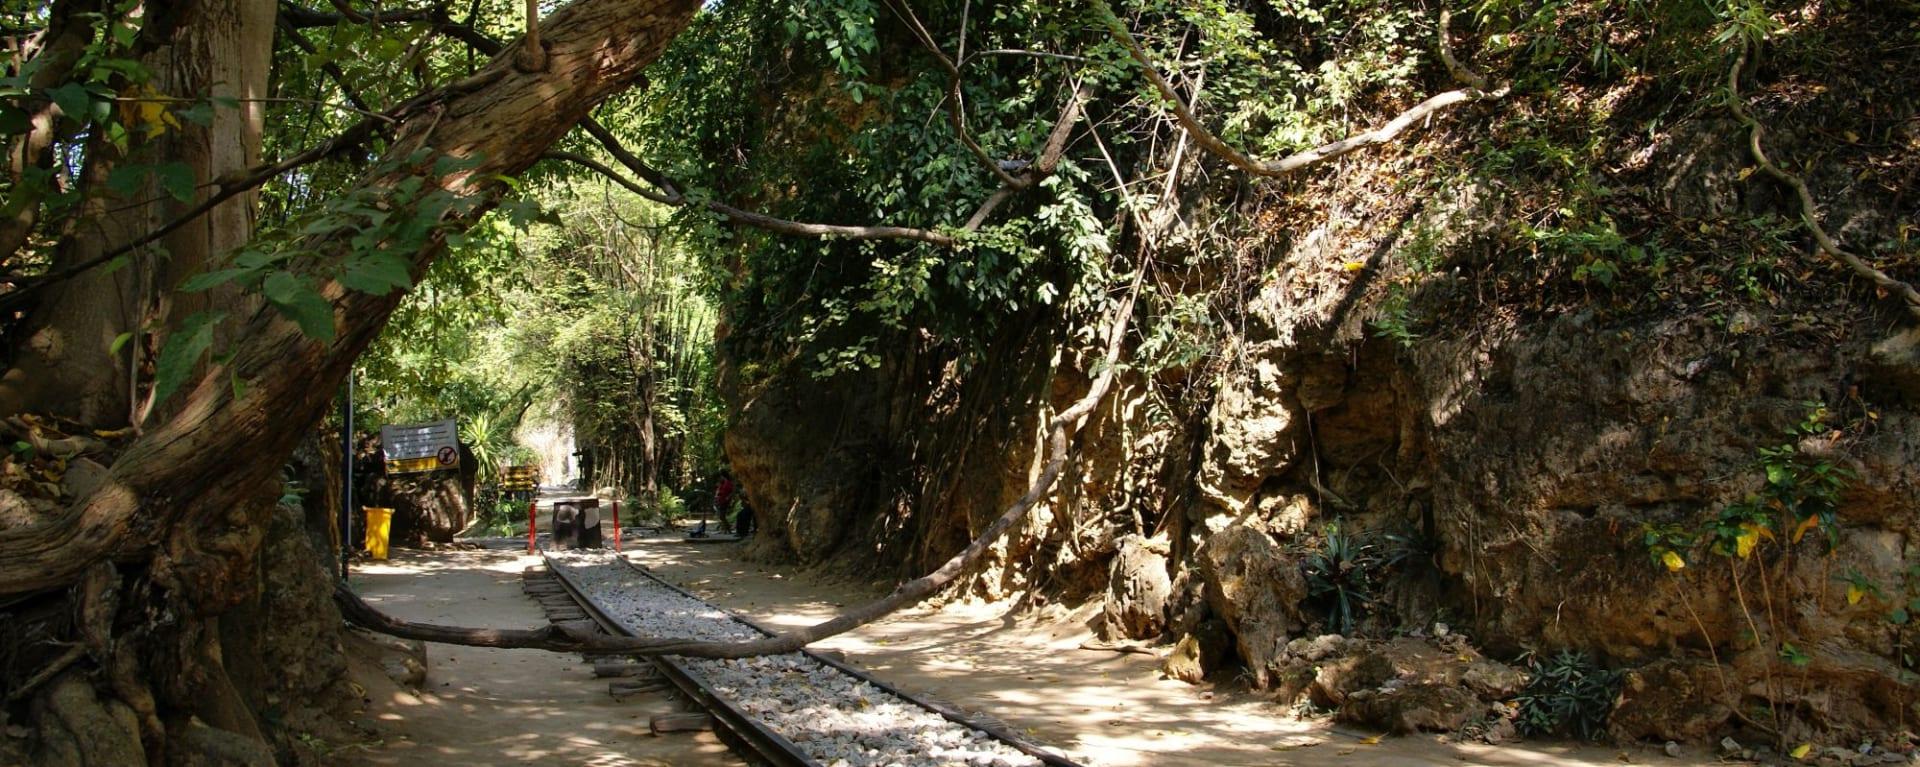 River Kwai Soft Adventure & Expérience avec les éléphants de Bangkok: River Kwai: old railway rails